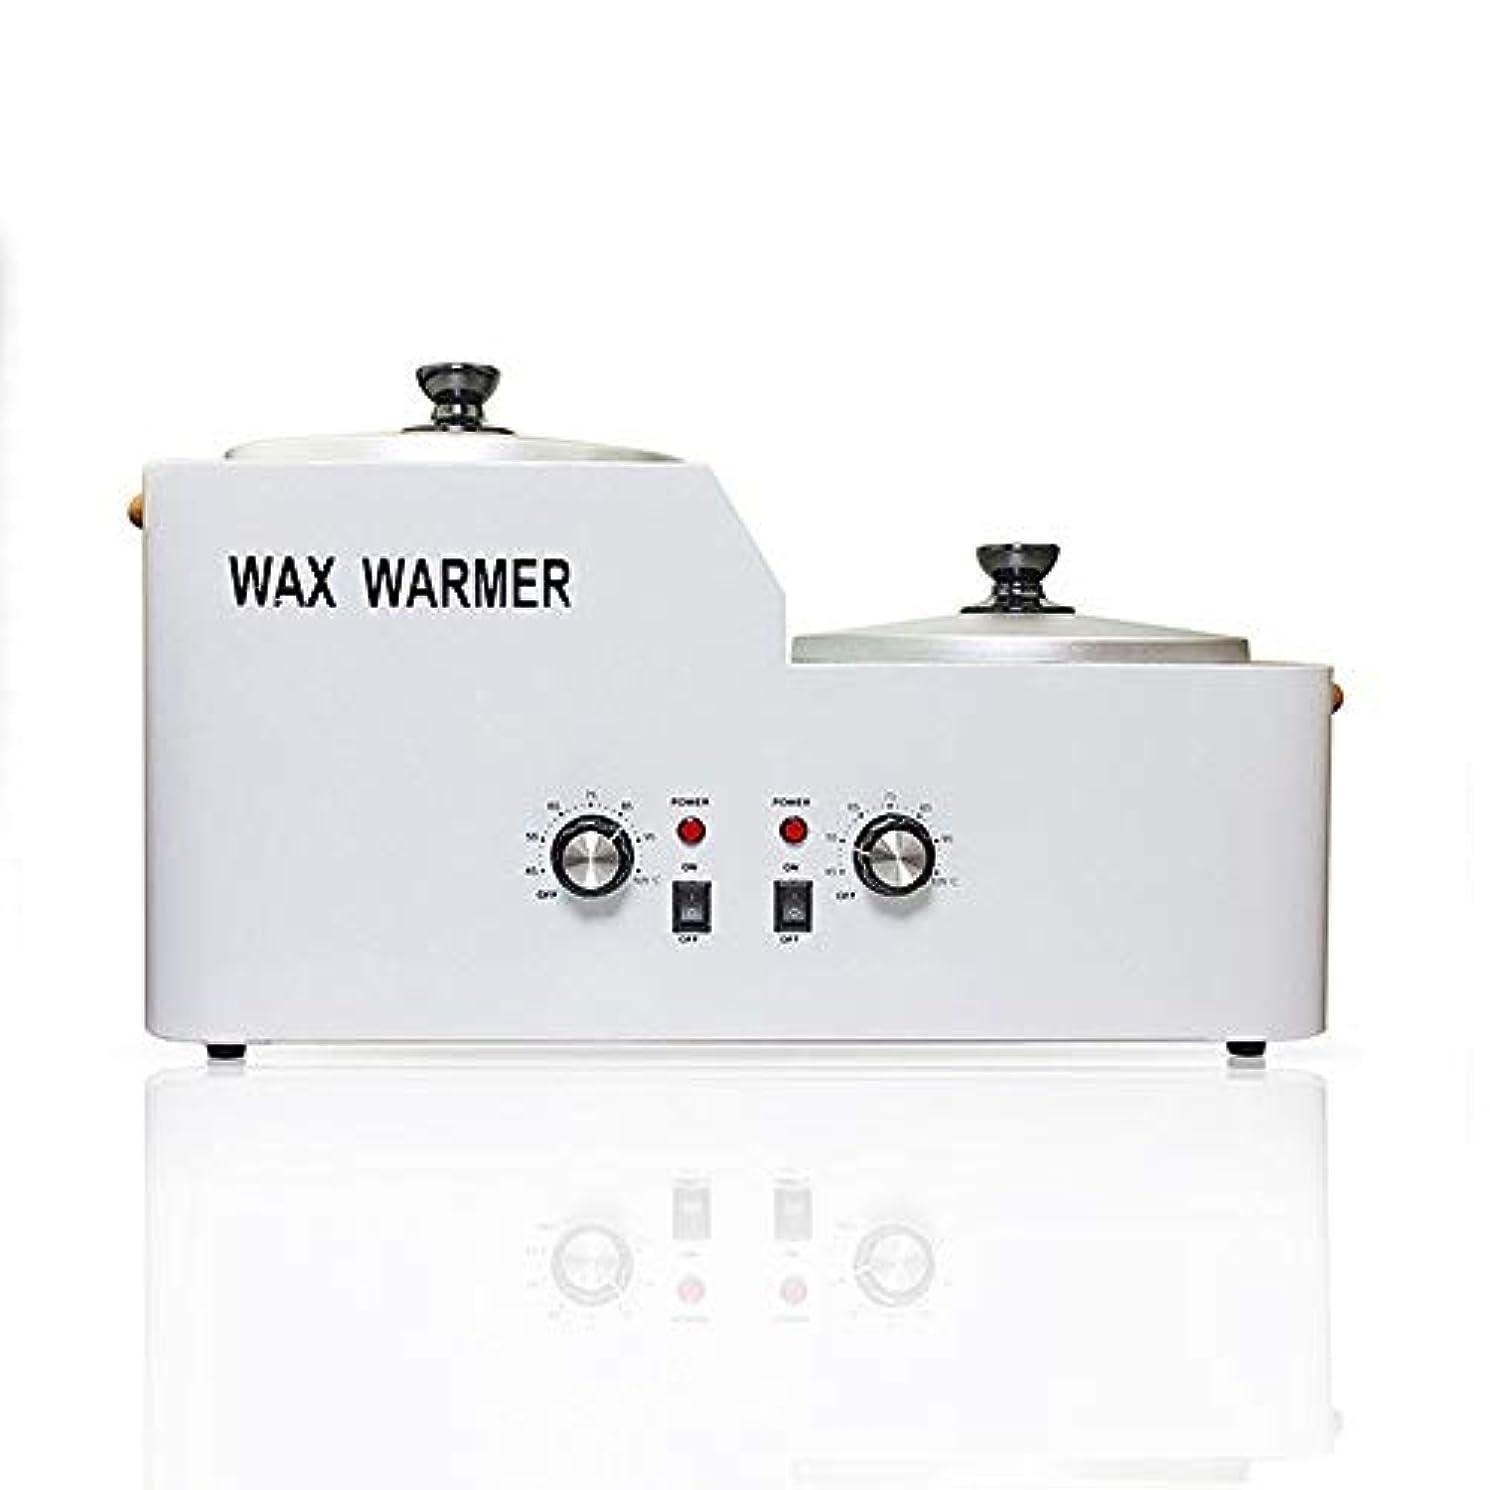 払い戻し些細呼ぶダブルワックスポット電気ワックスヒーター、脱毛ワックスツールセット、電気ワックスウォーマー溶融タンク